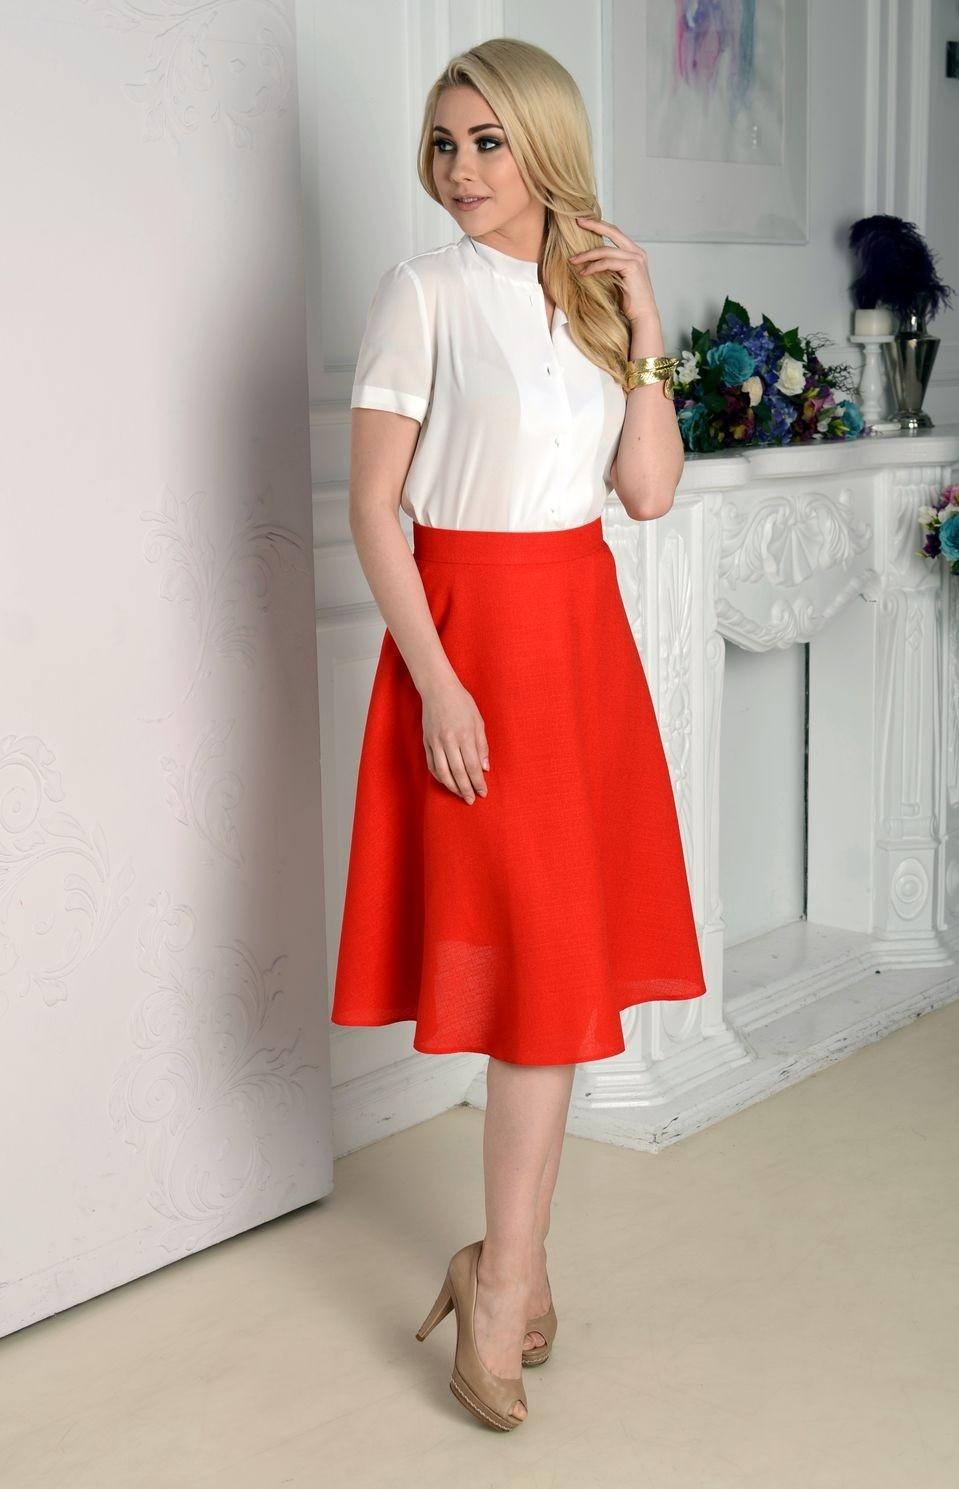 Красная юбка с чем носить: а силуэт по колено под блузку белую